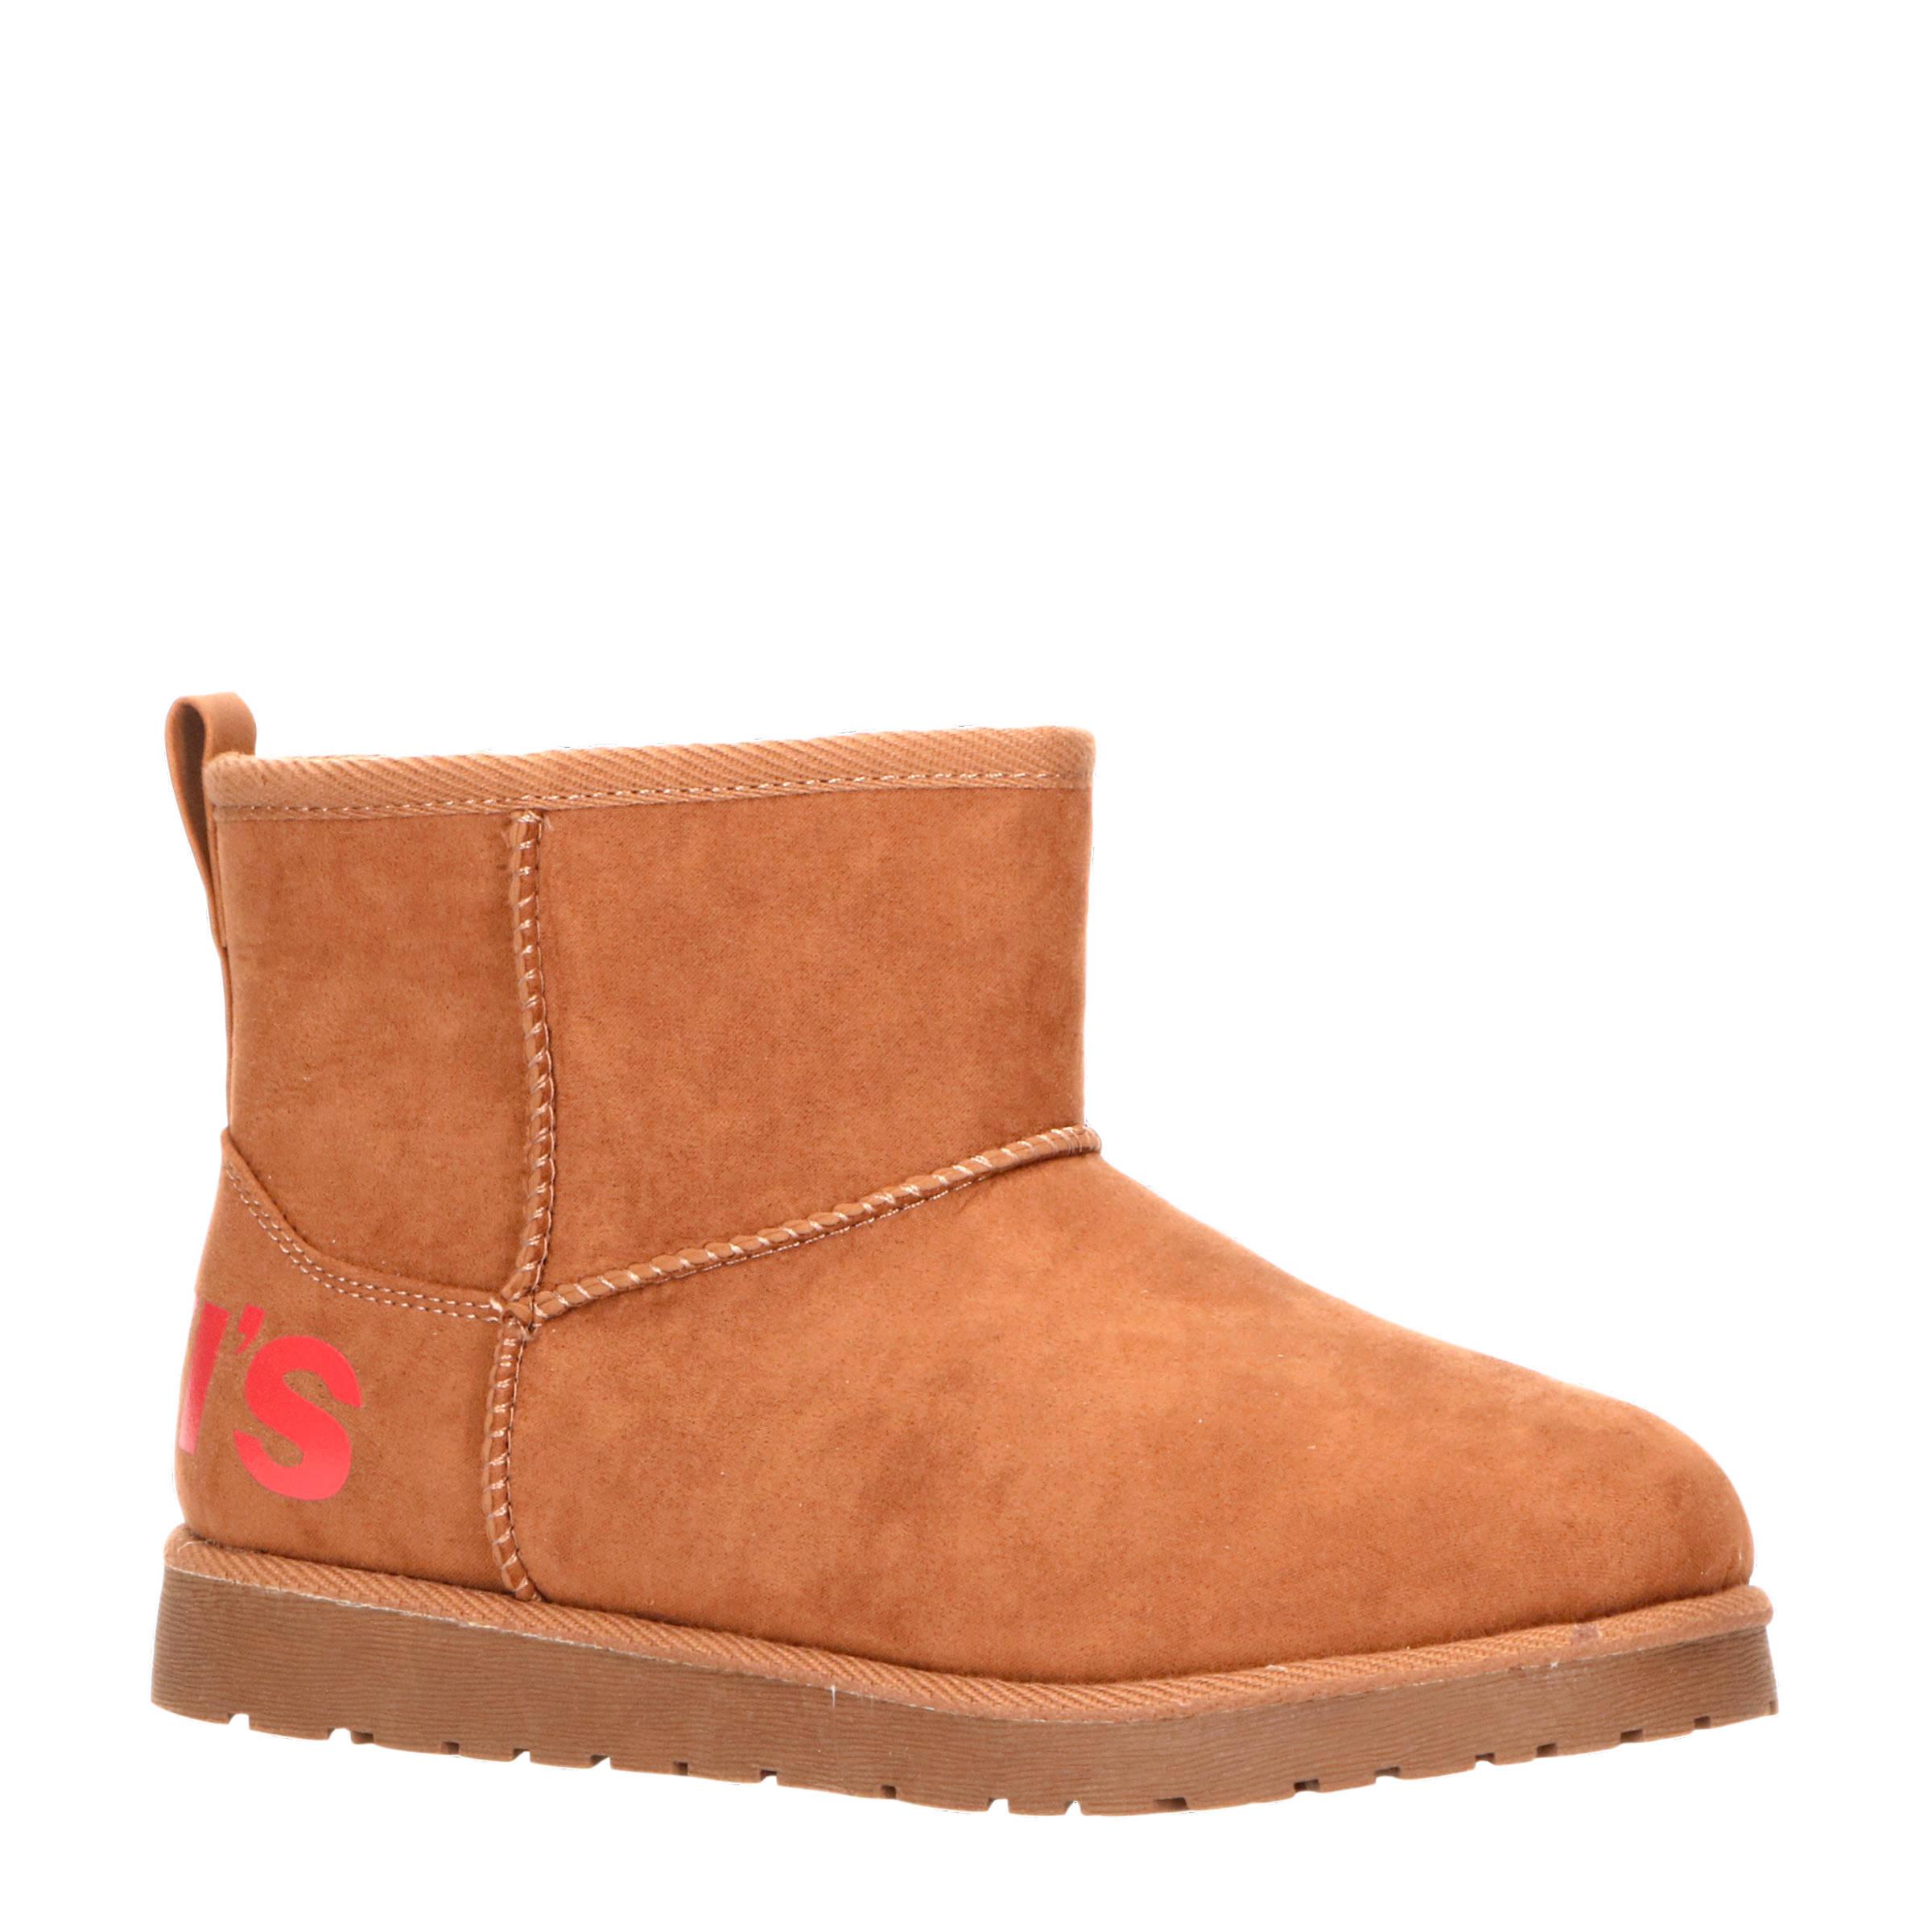 Kinderschoenen voor meisjes kopen Vind jouw Kinderschoenen